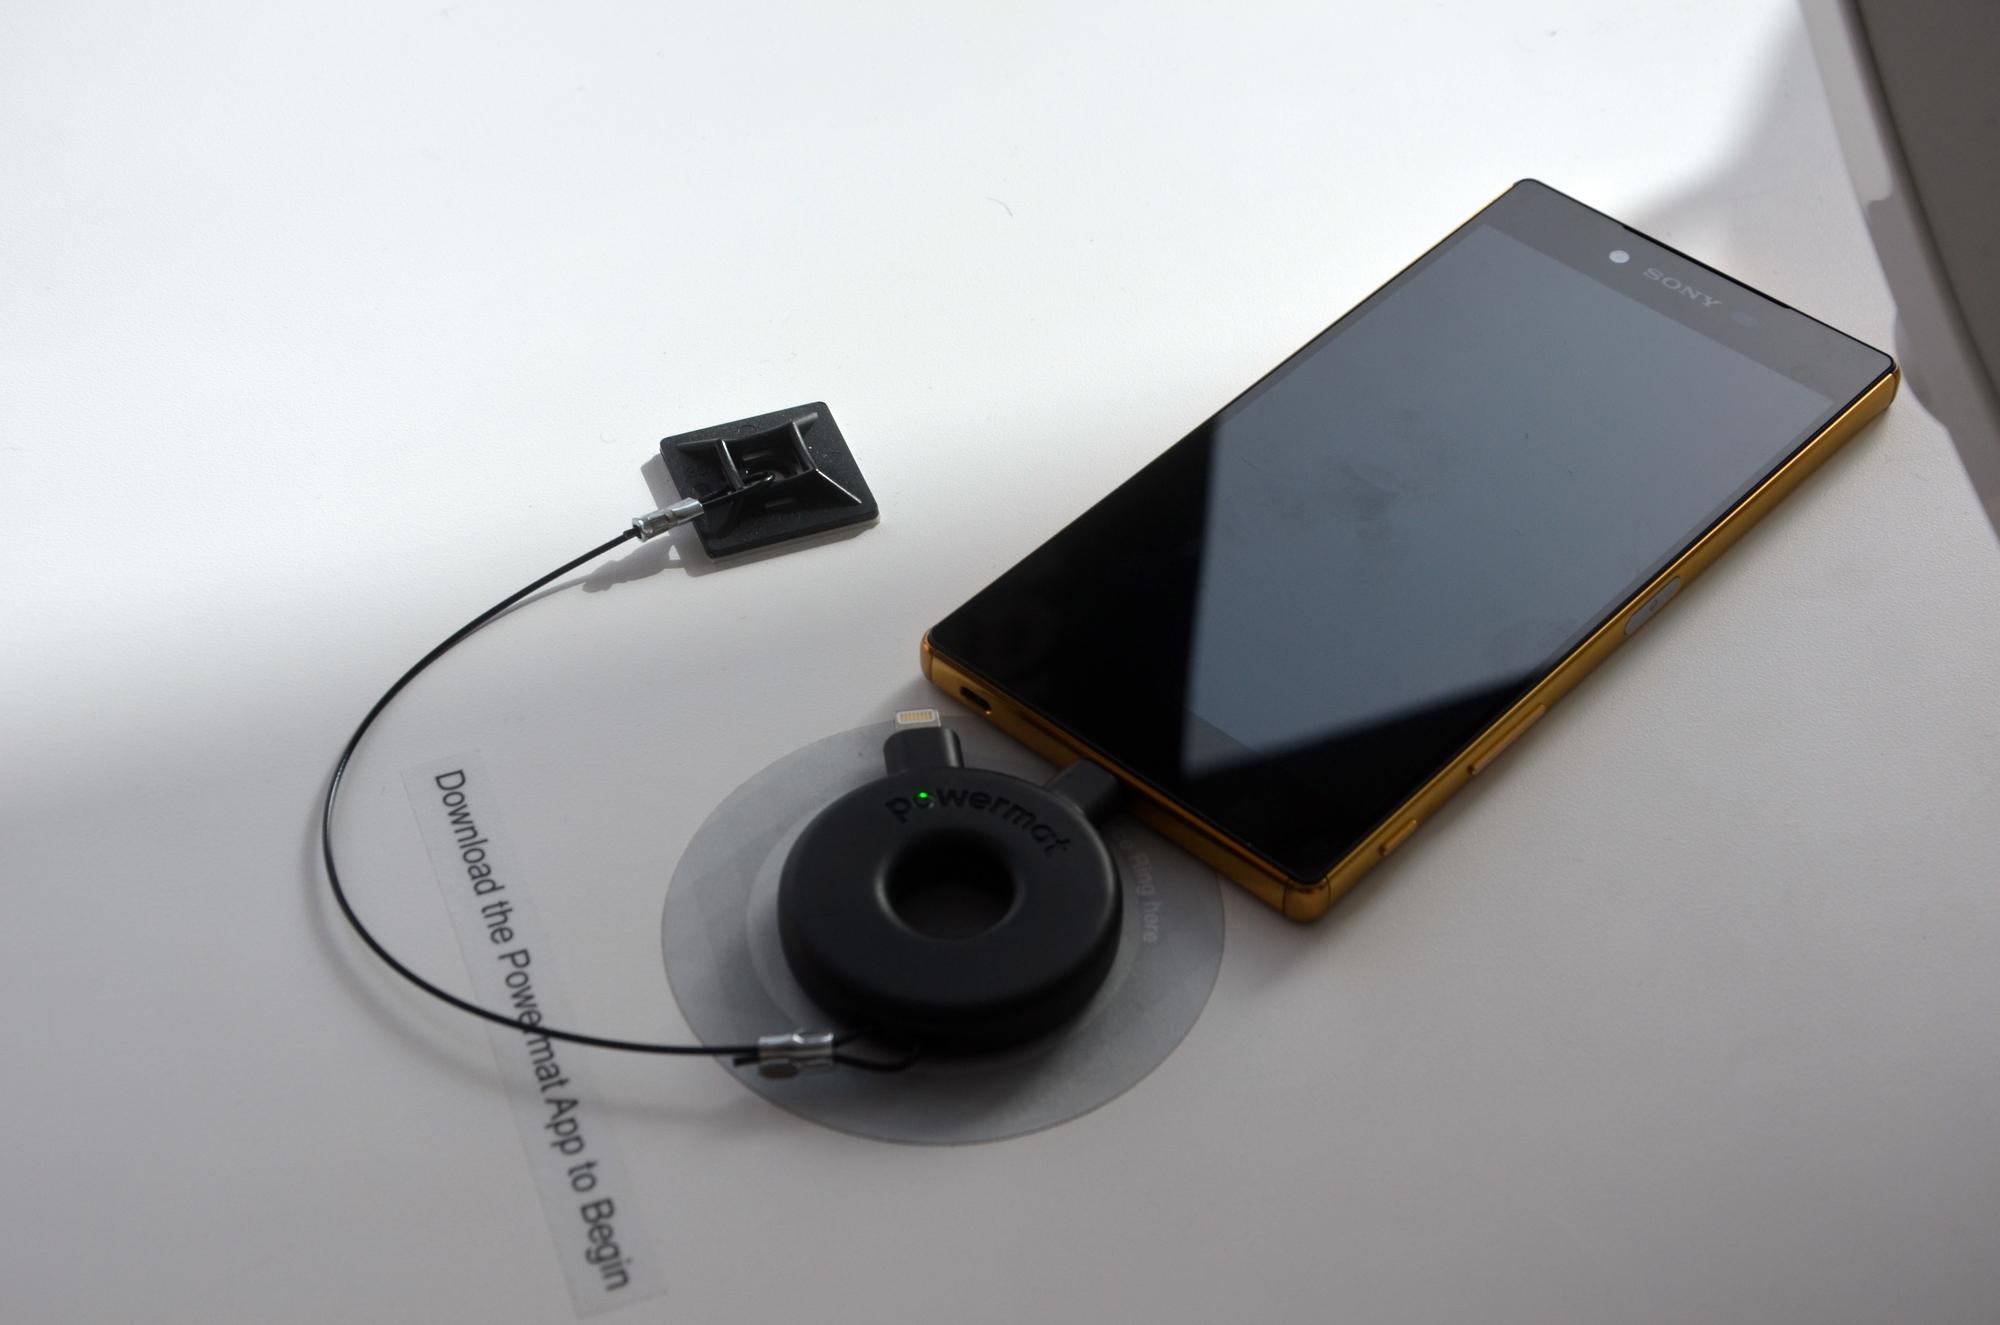 Шнур usb android mavik самостоятельно купить dji goggles к диджиай в сыктывкар